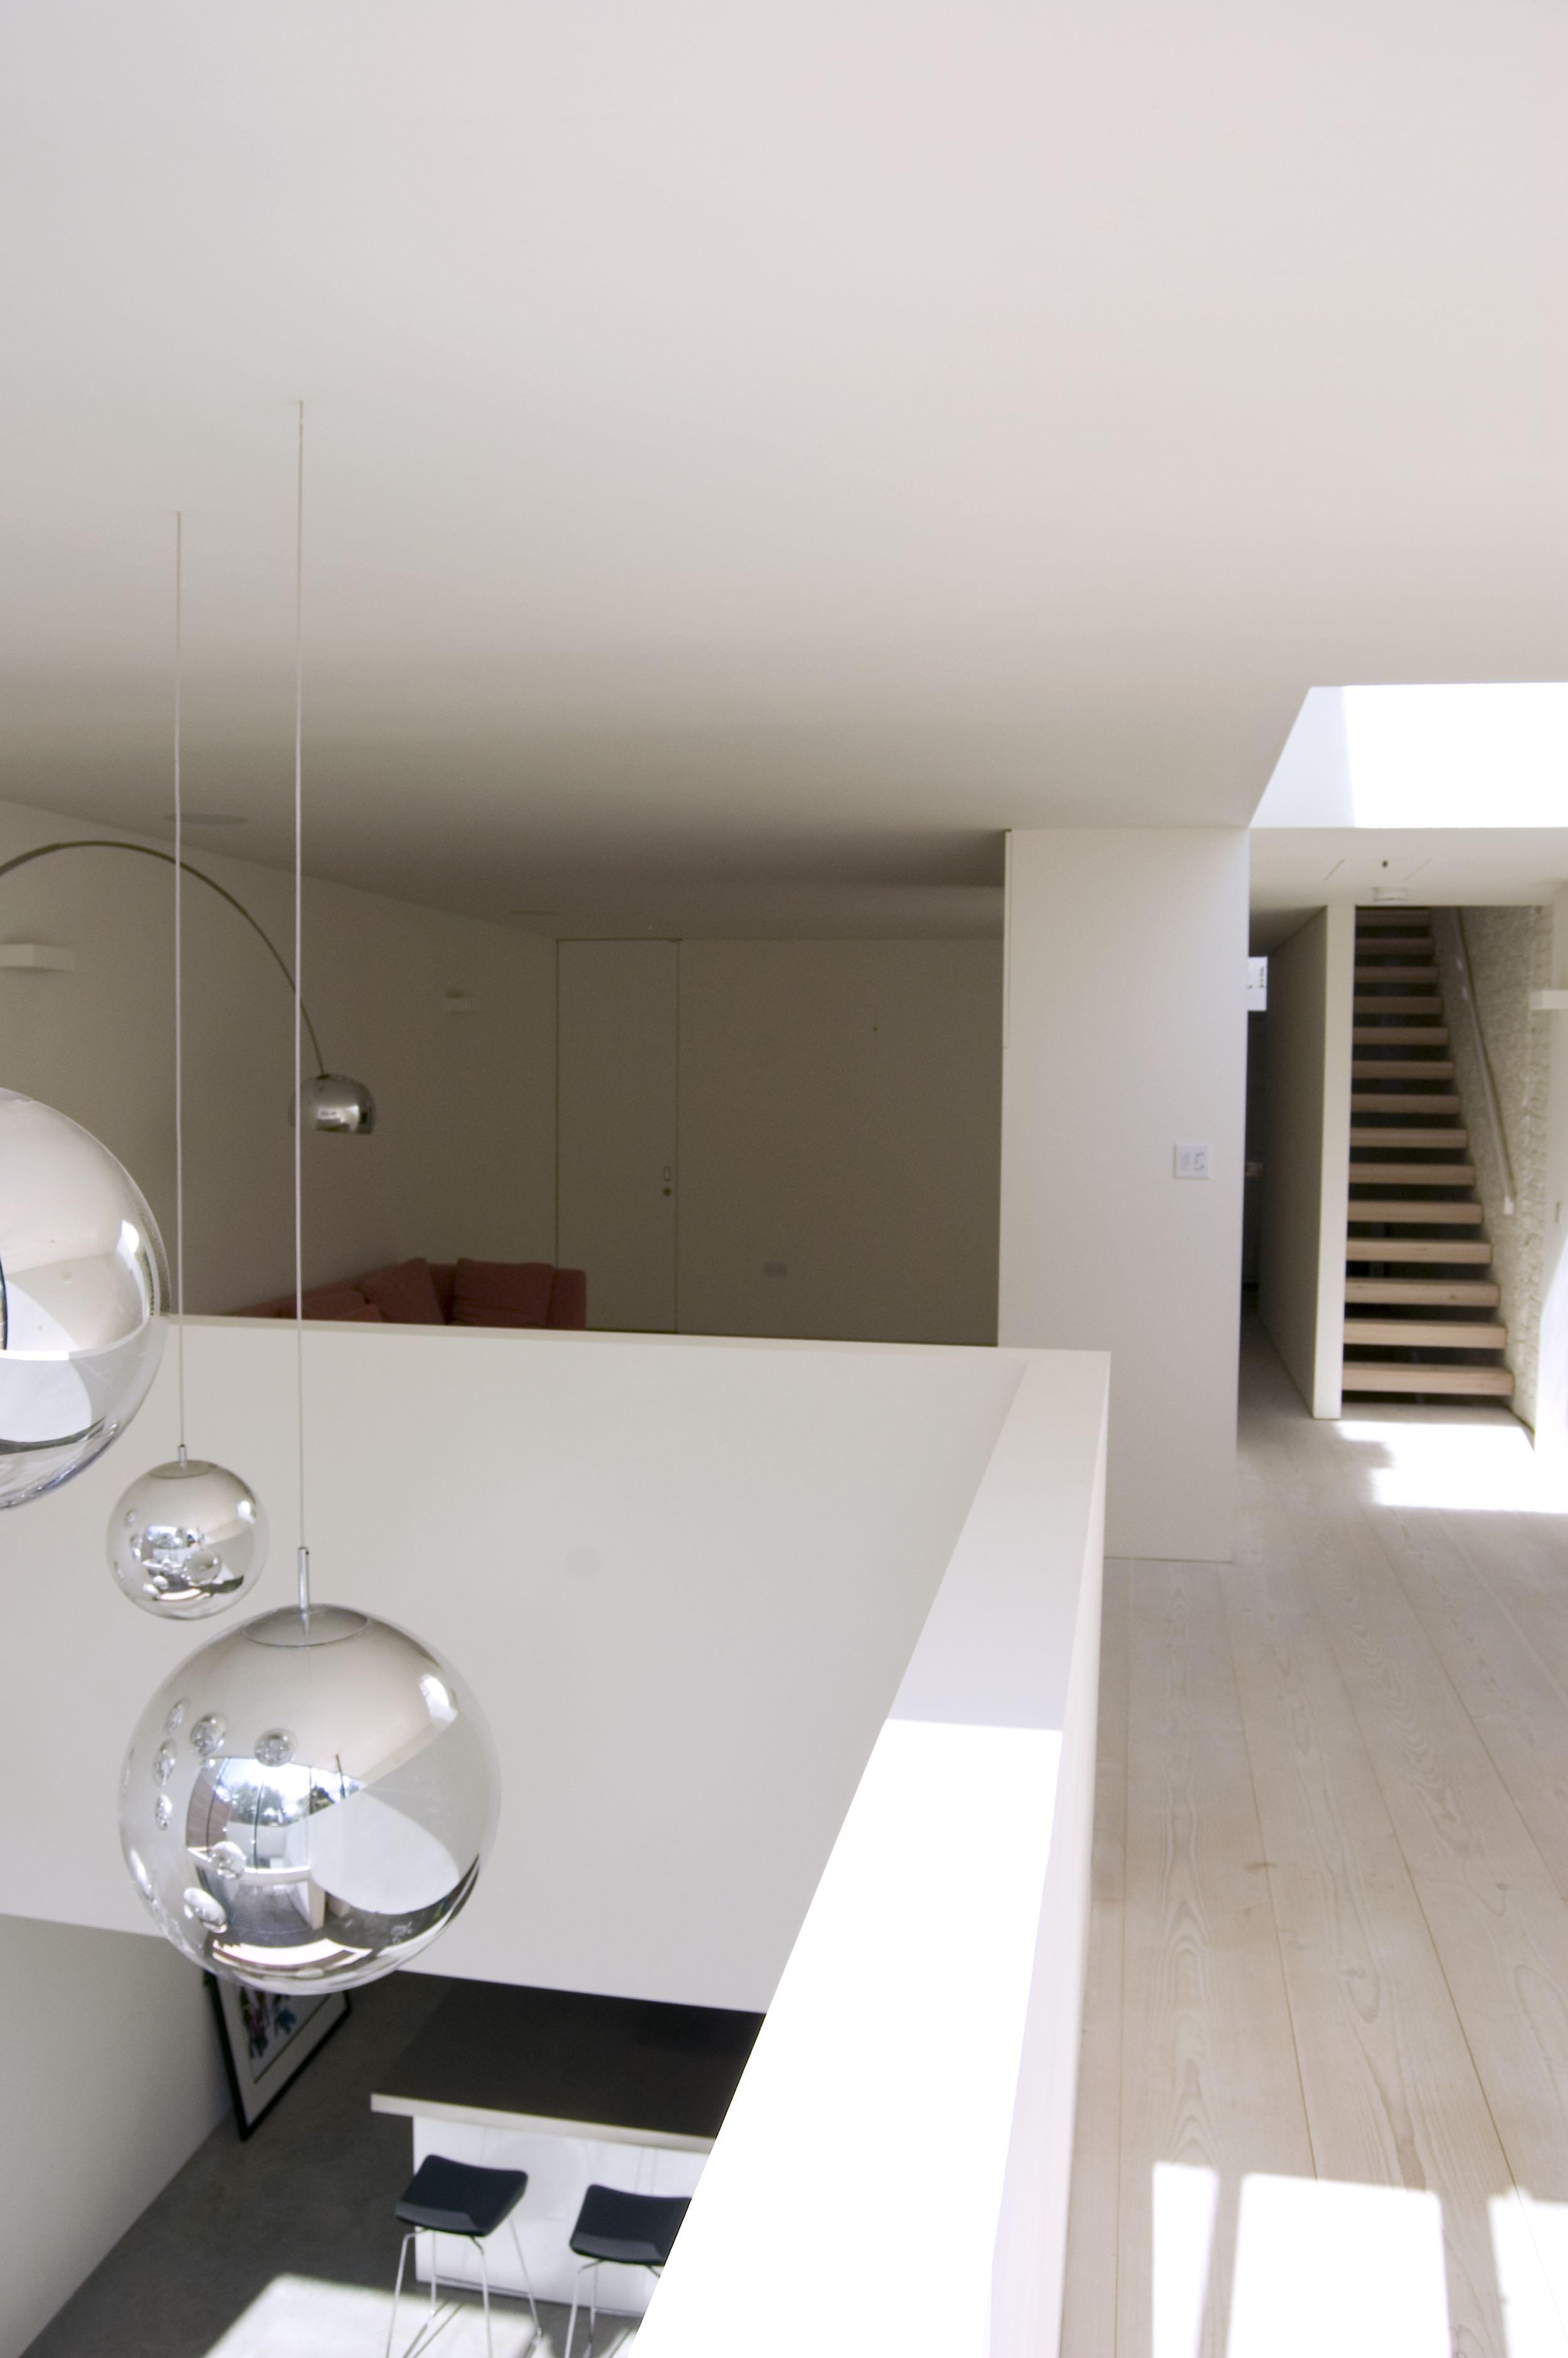 WilliamTozer_Composite House 01